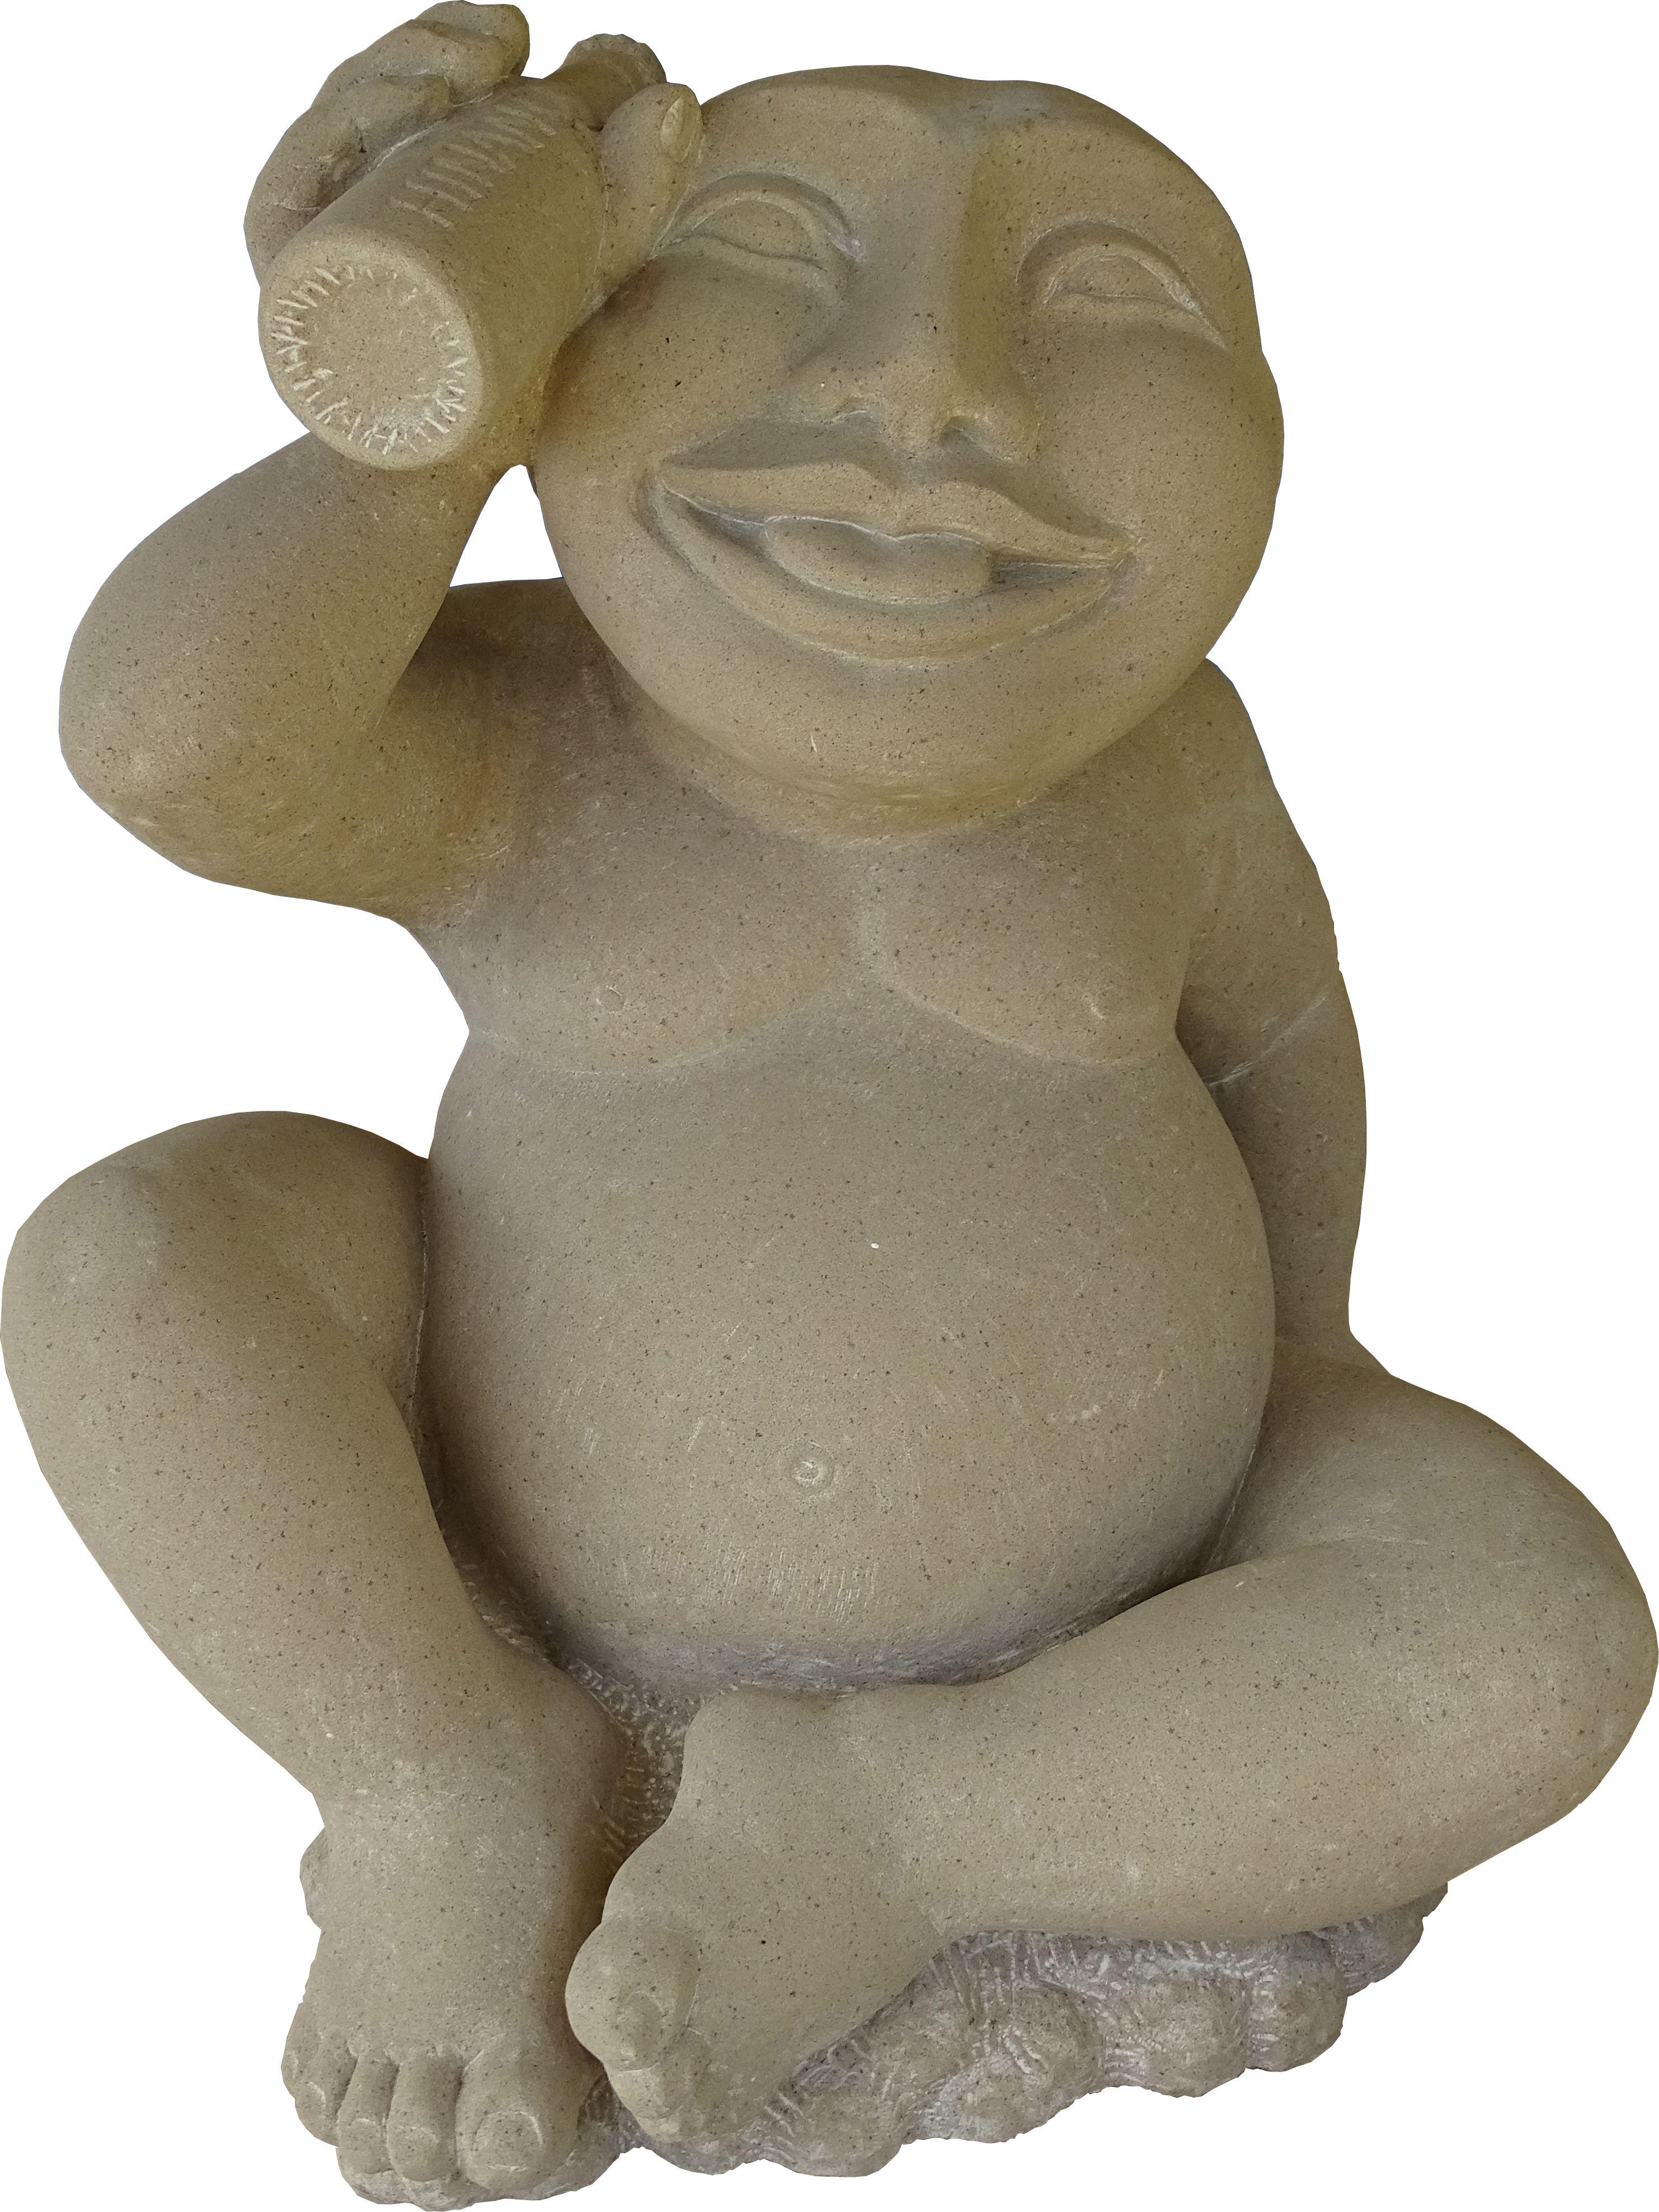 Statue en pierre de sable Allemagne 2008 48 x 42 x 35cm 870 000 XPF.